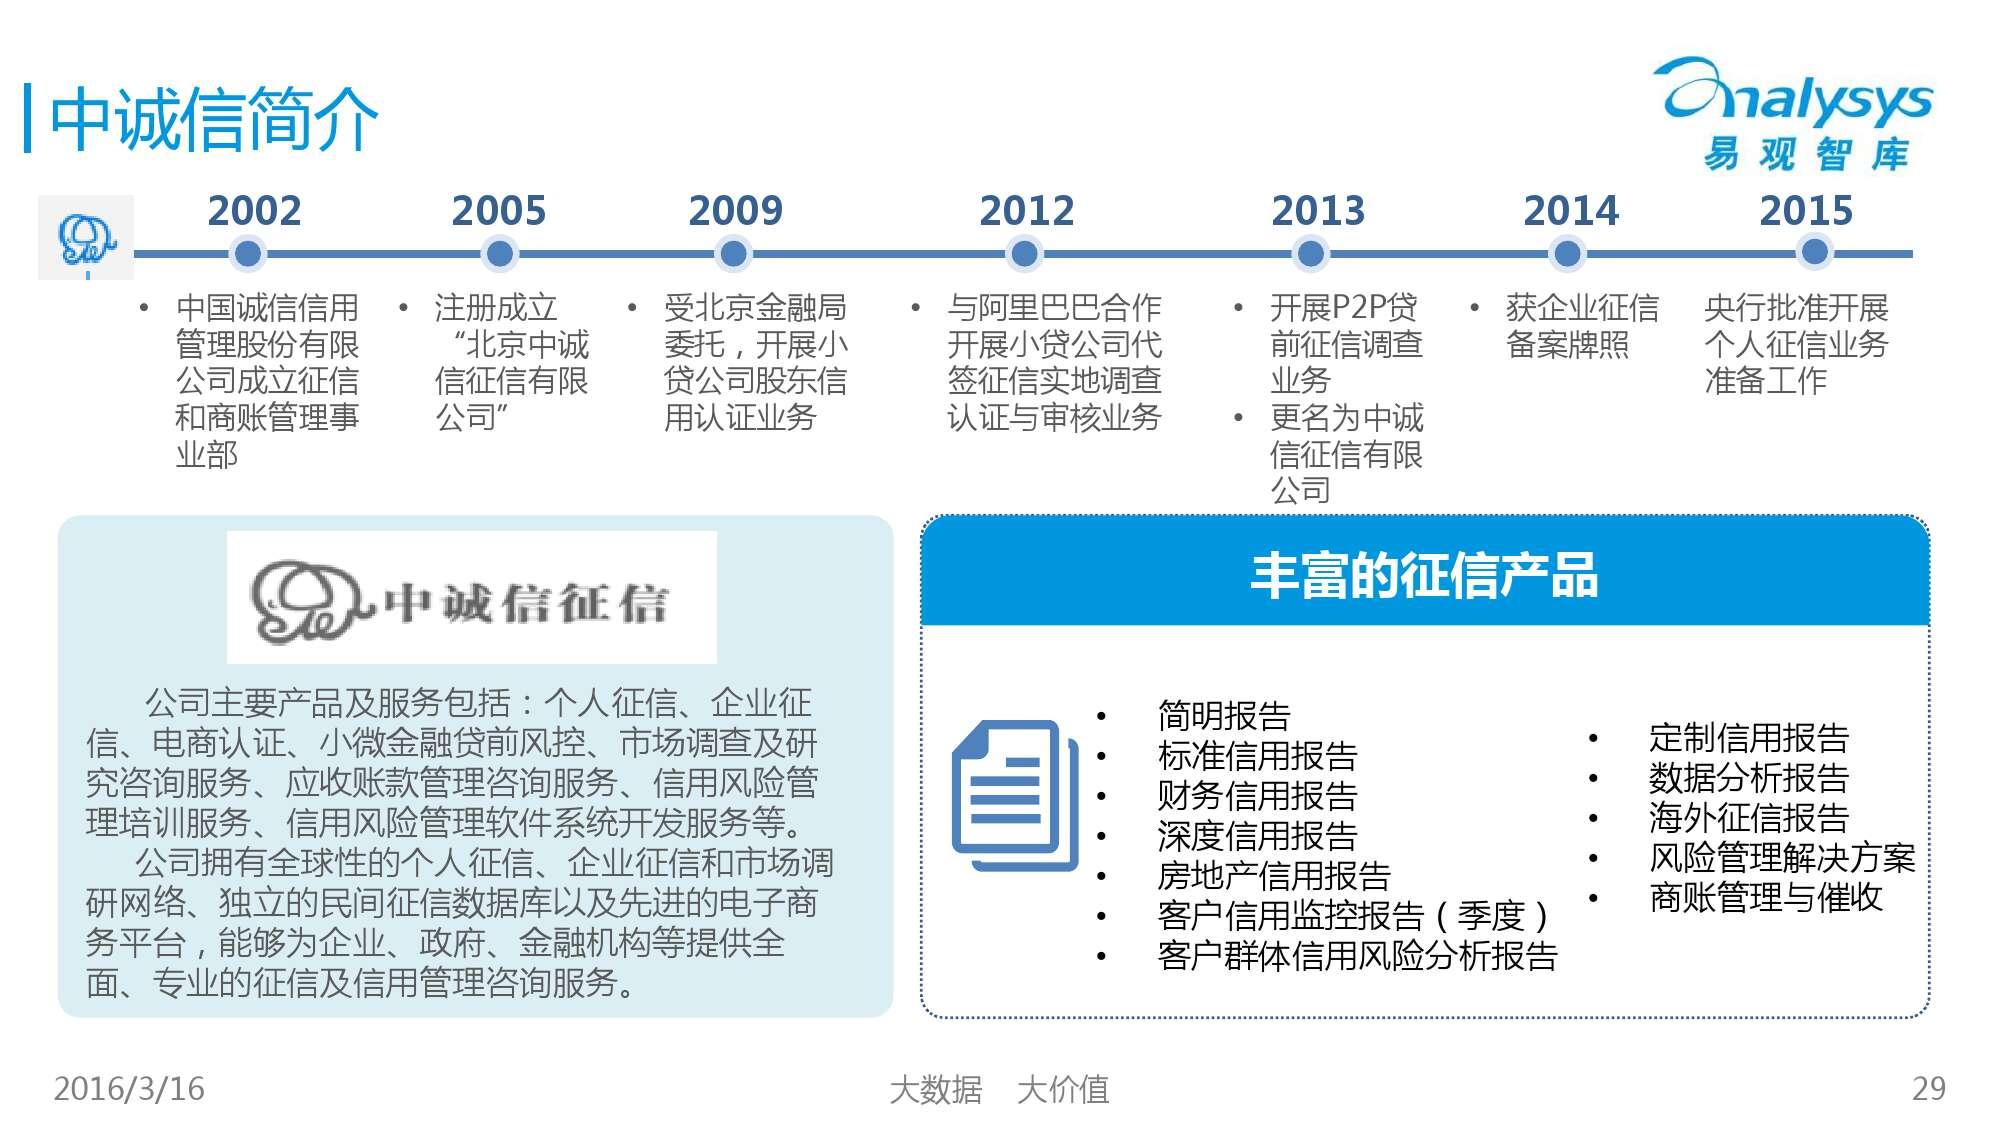 中国征信行业专题研究报告2016_000029